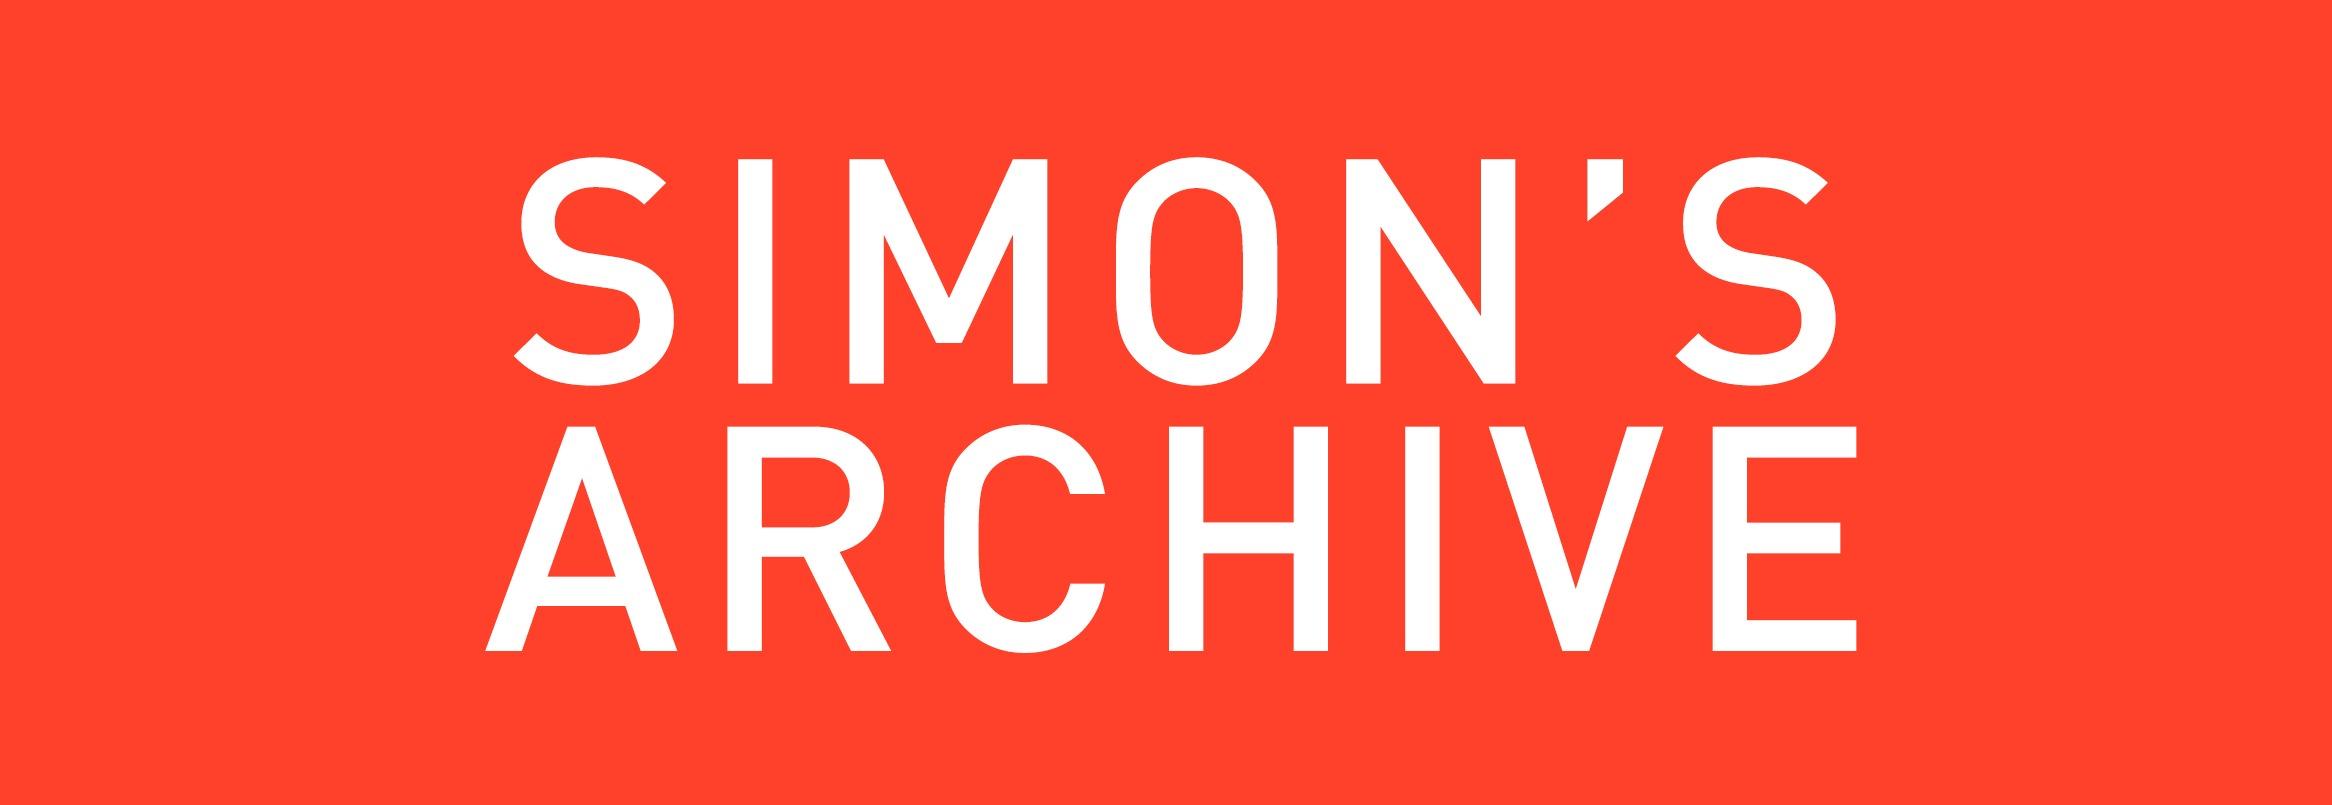 SimonsArchive---Header